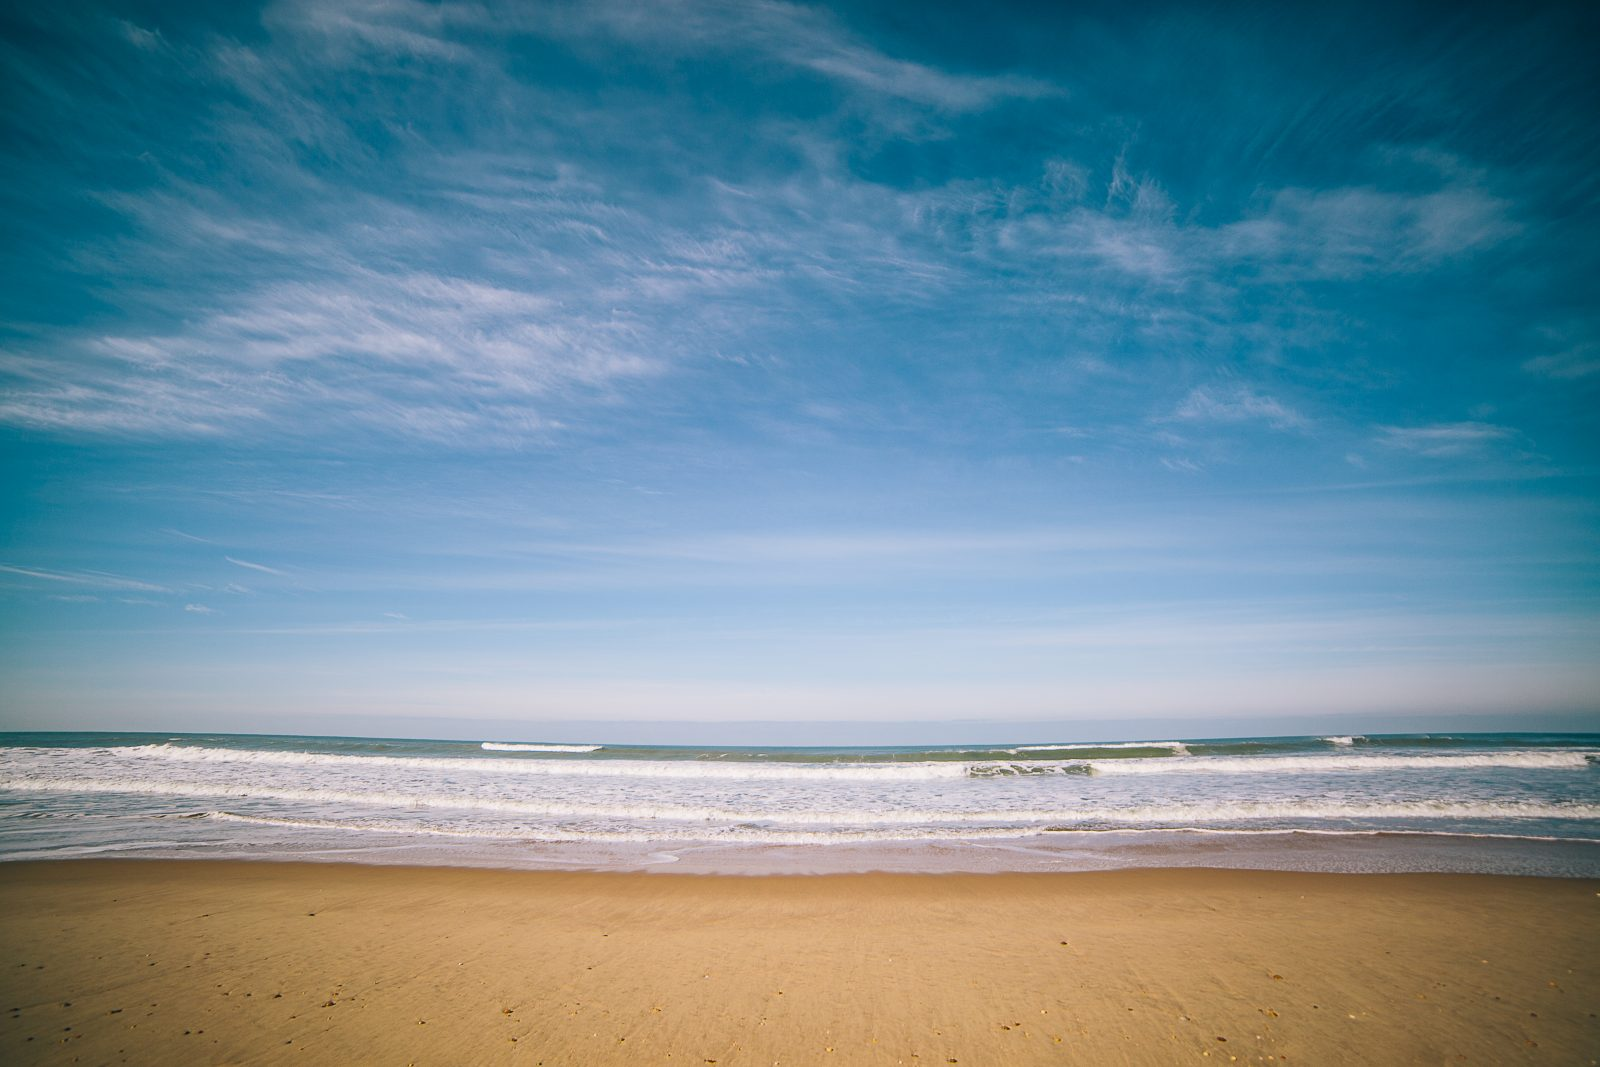 plage-horizon-balade-hiver-23